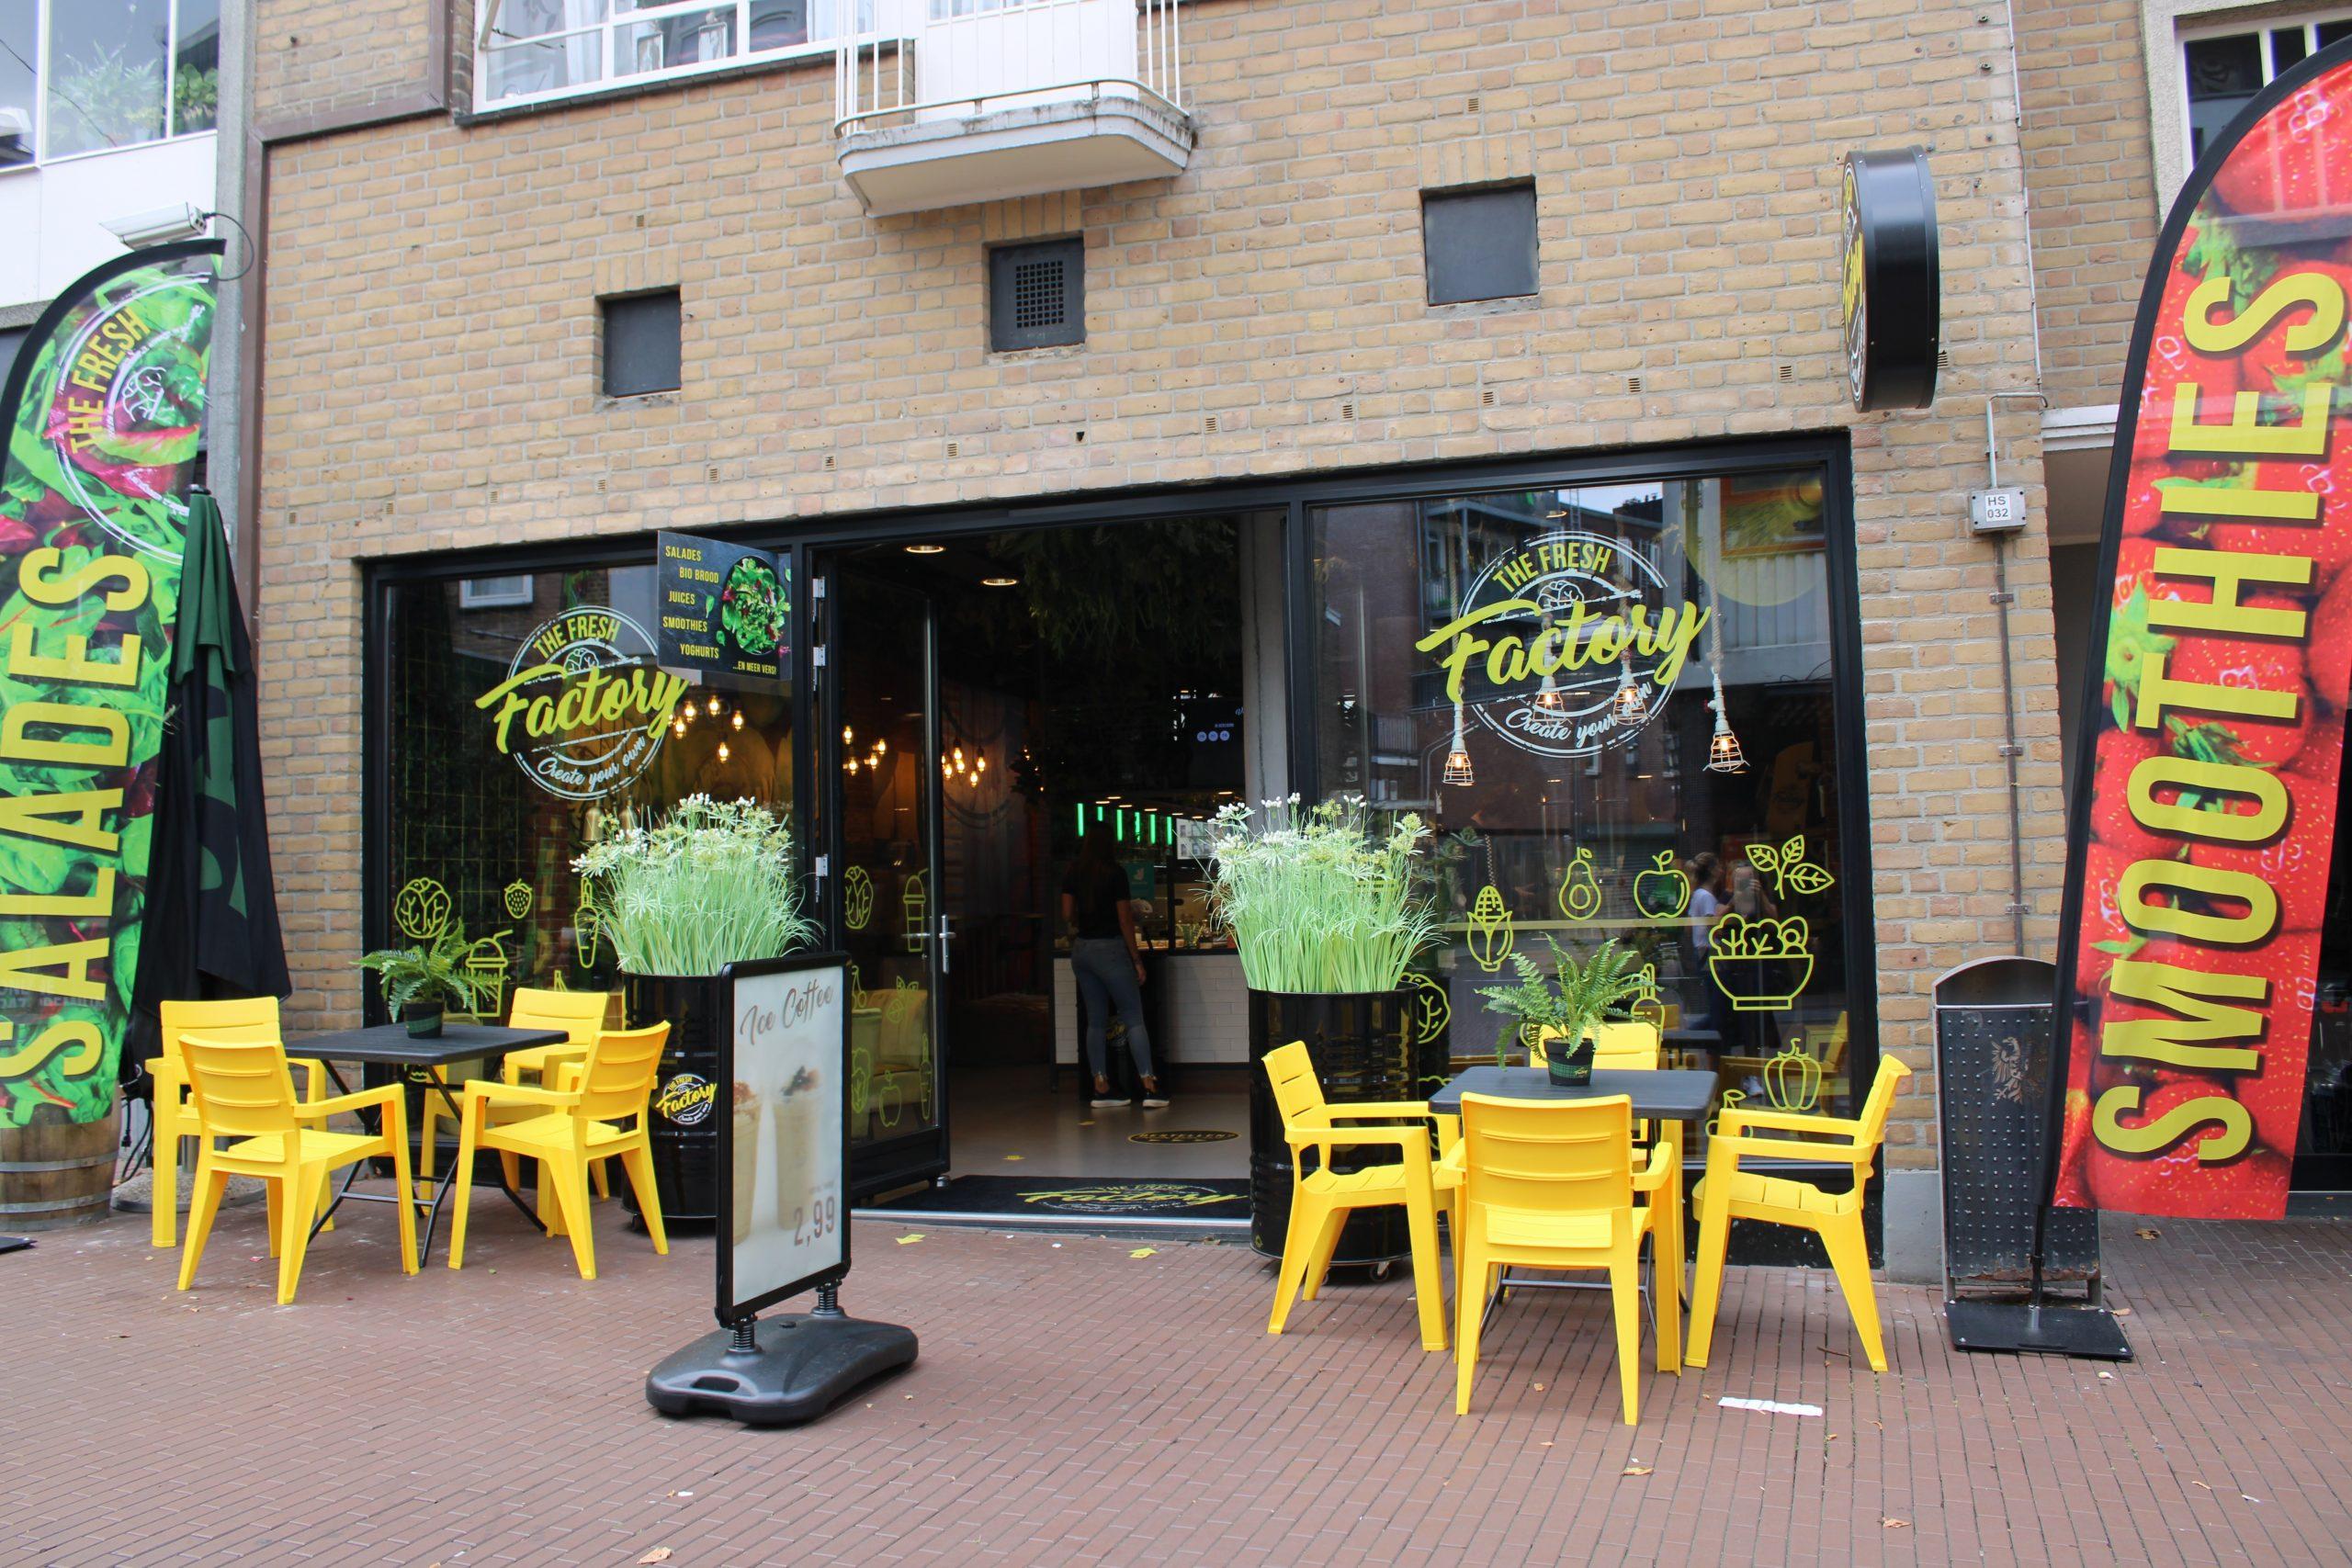 Genieten van gezond fast food van The Fresh Factory in Nijmegen